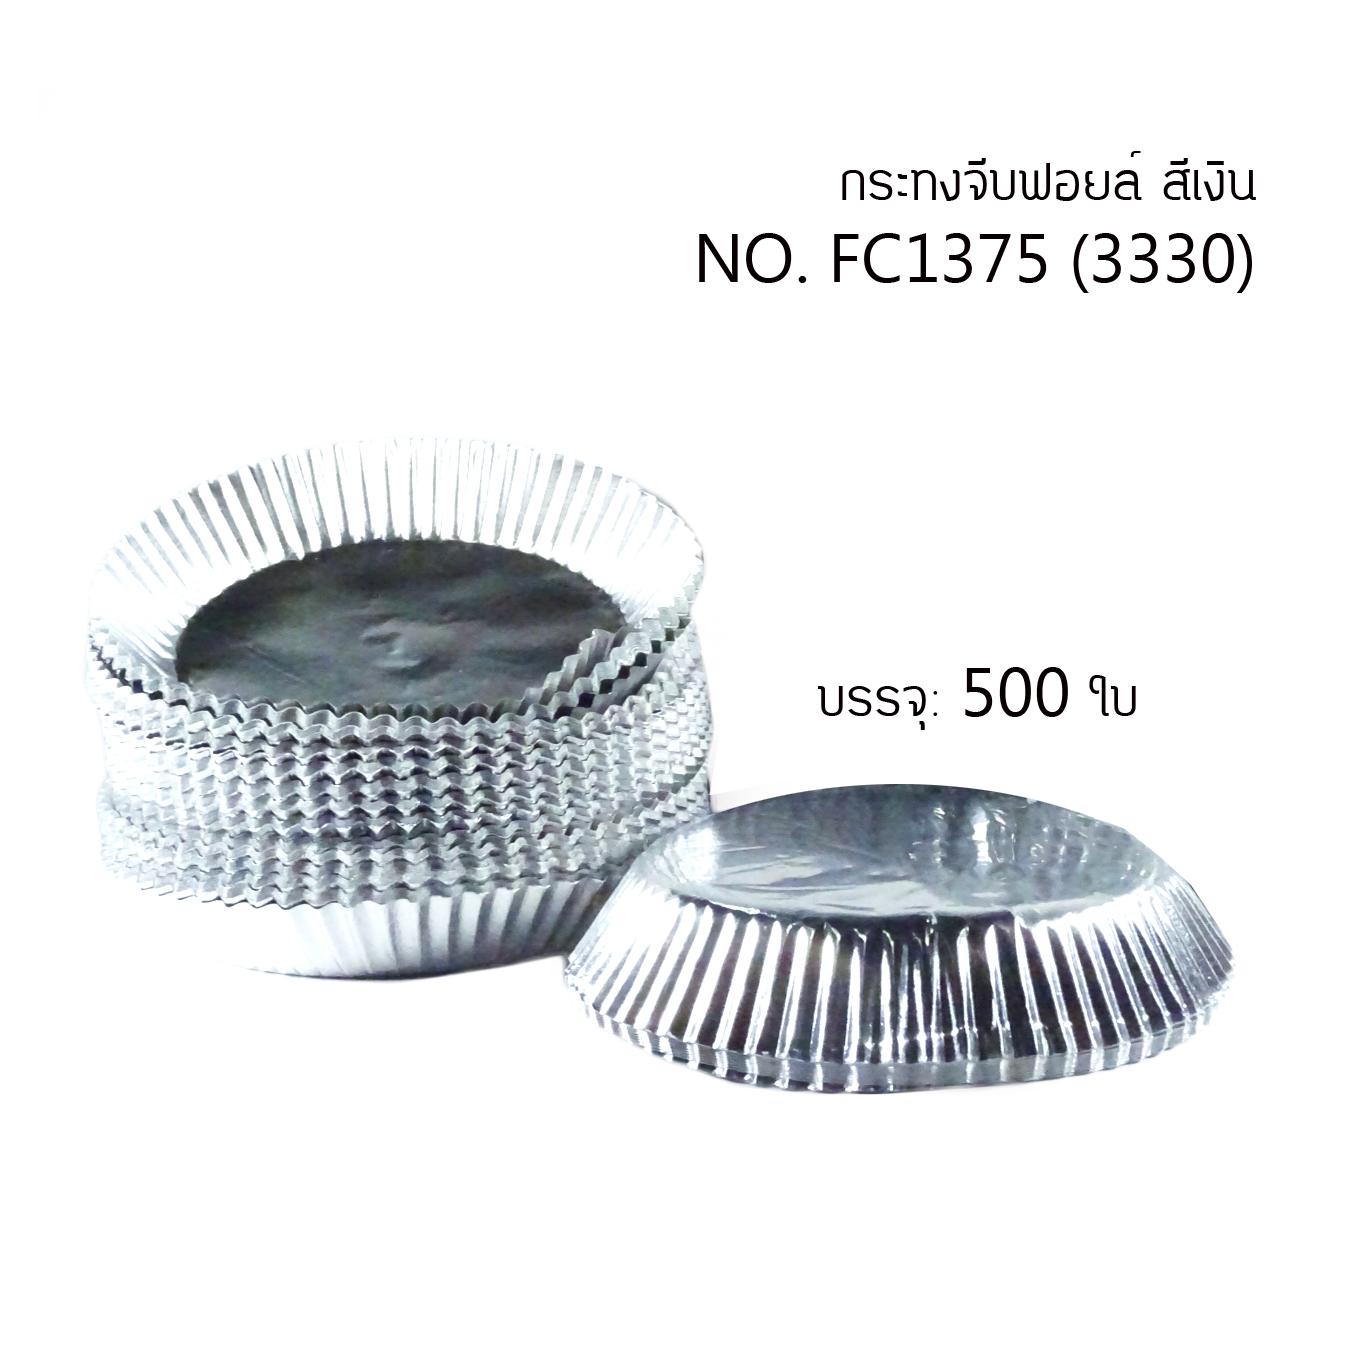 กระทงจีบฟอยล์ NO. FC1375 (3330) สีเงิน (500ใบ)